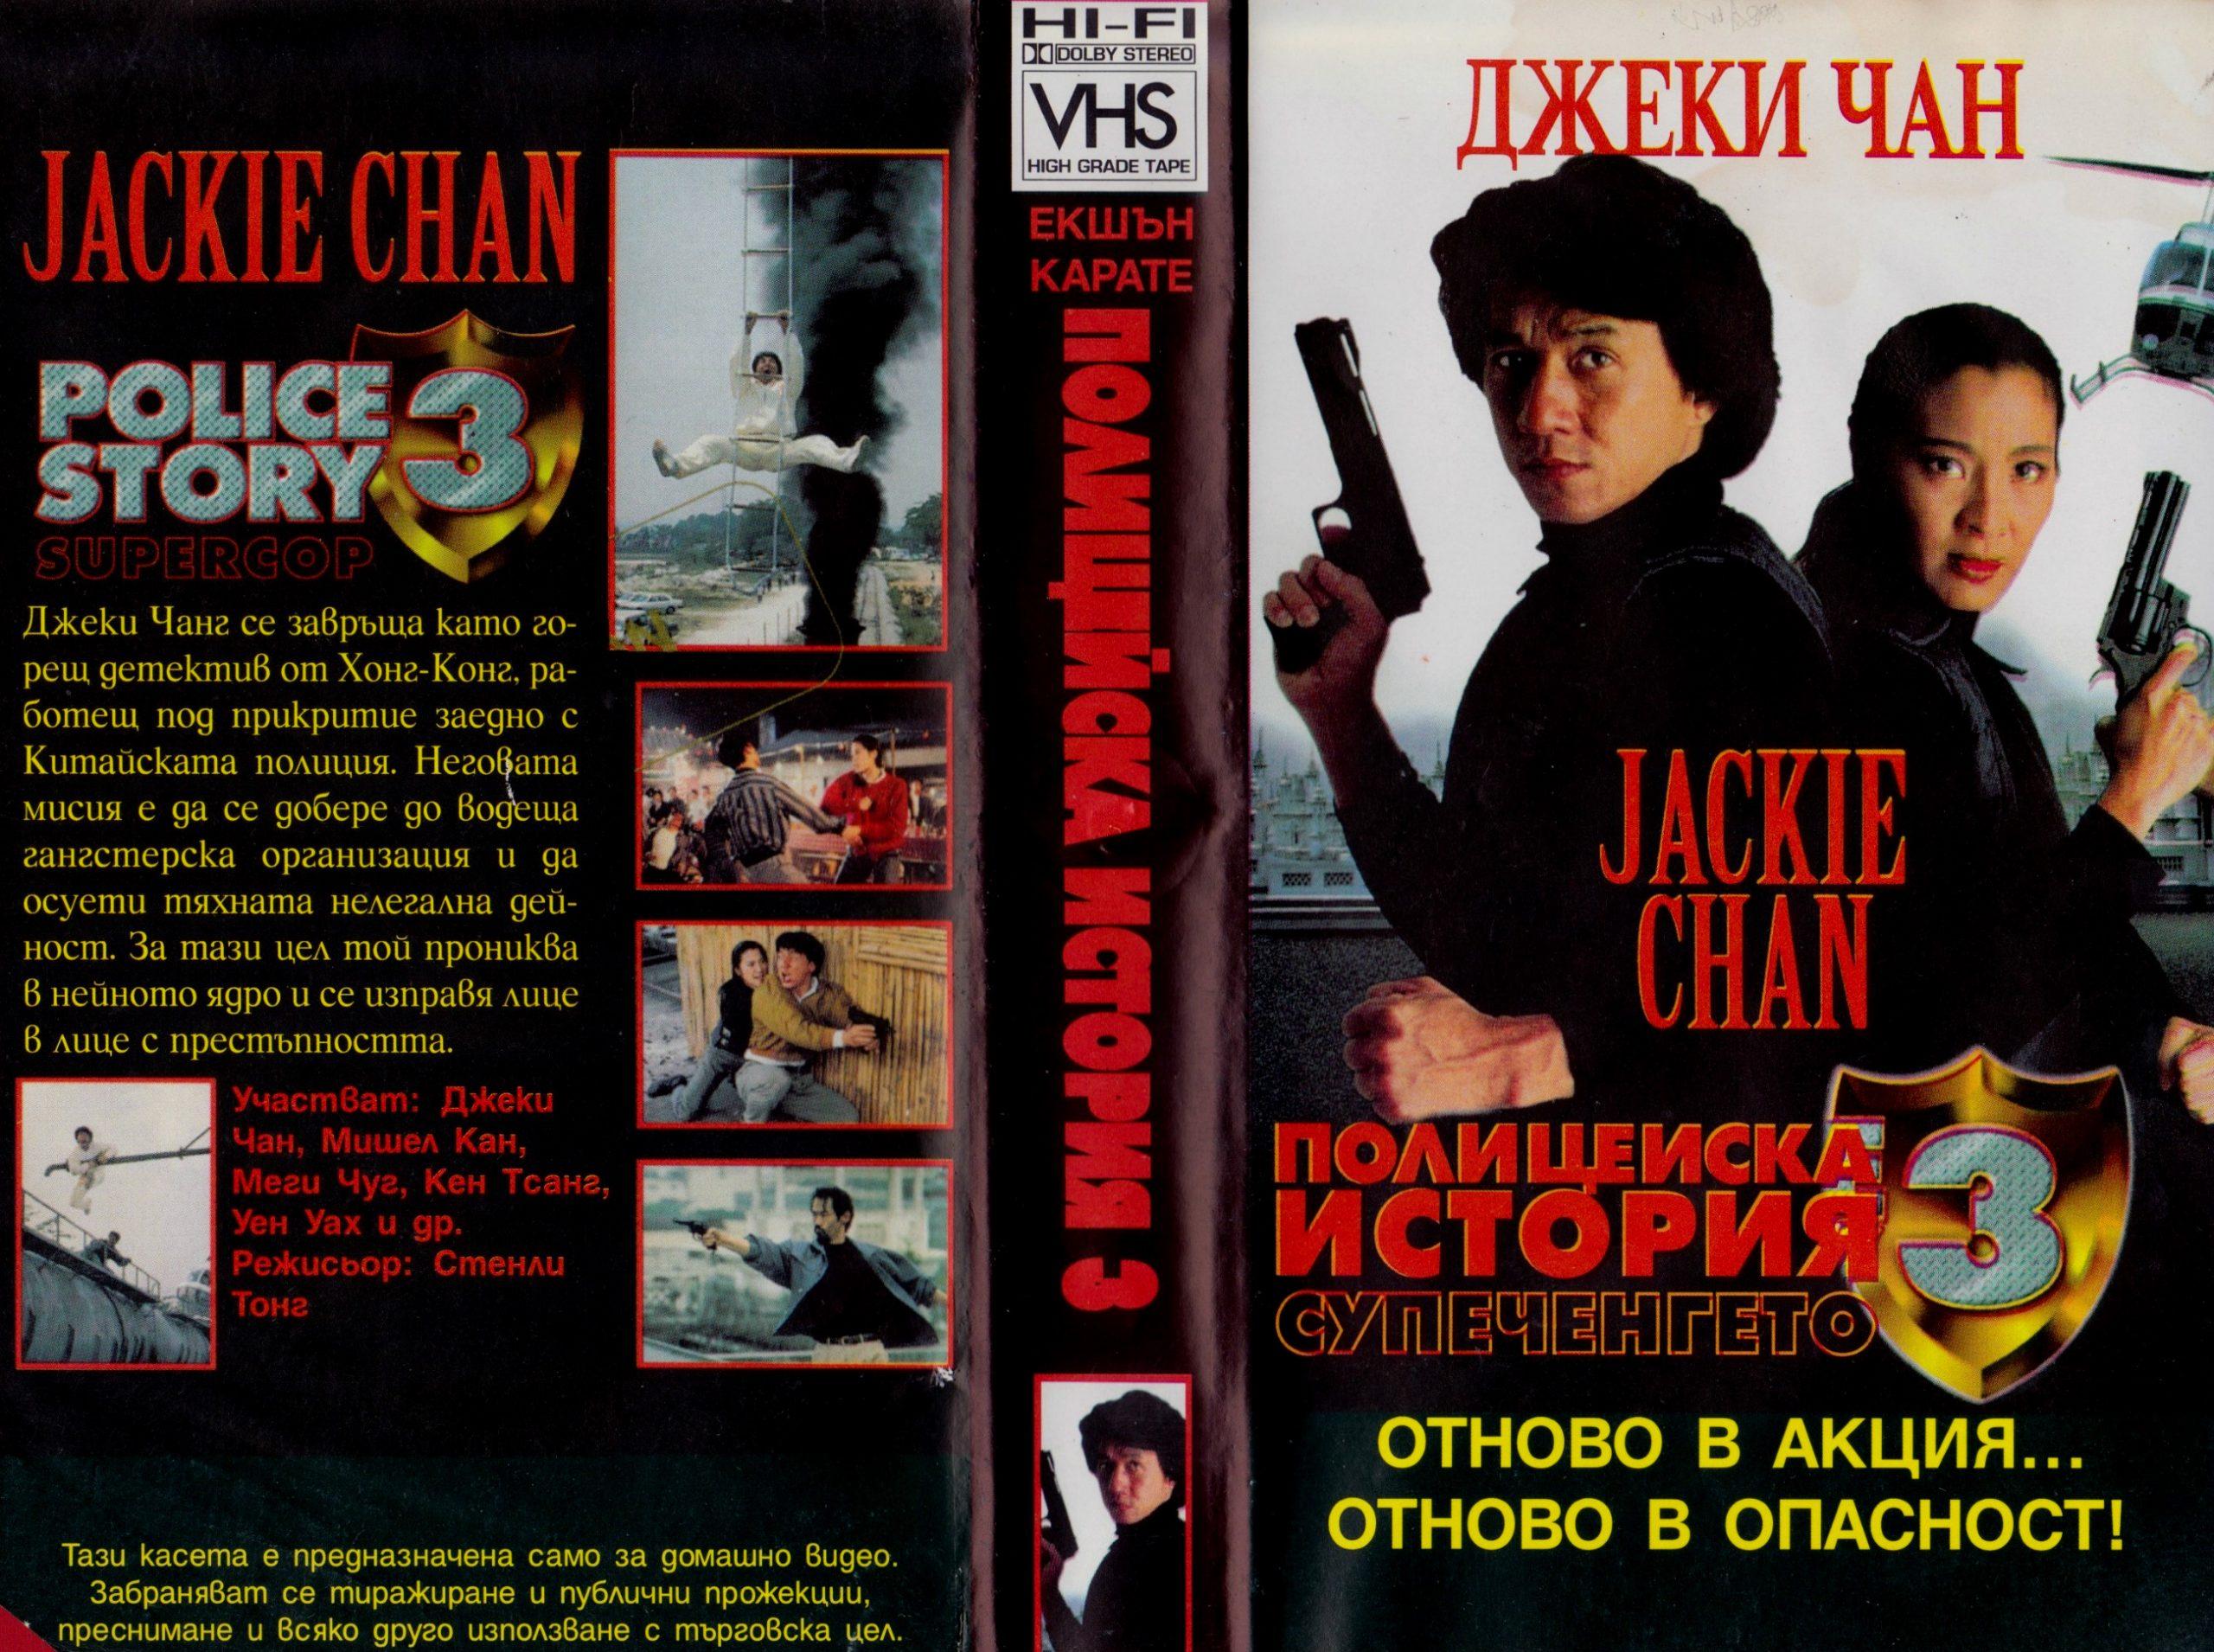 Полицейска история 3 джеки чан